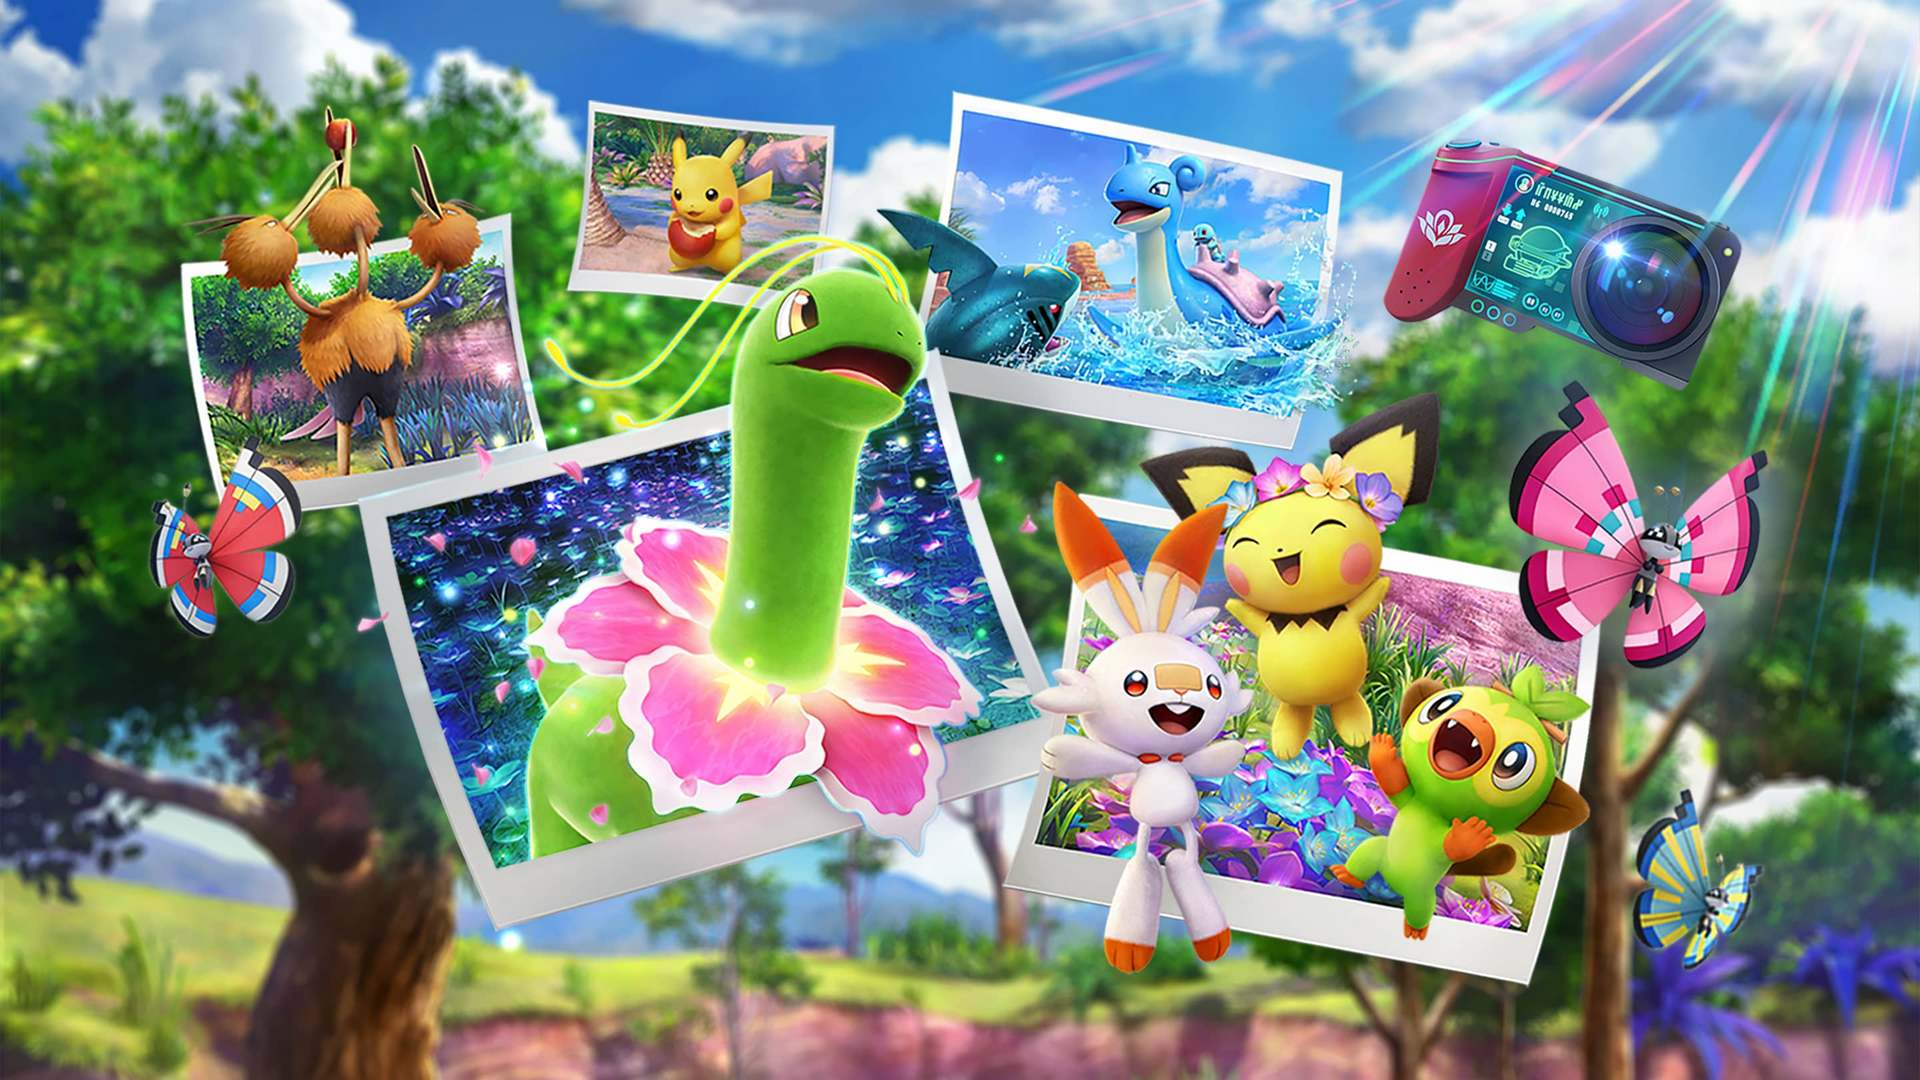 Nintendo опубликовала ролик с отзывами критиков о New Pokémon Snap c цитатой из нашего обзора 2